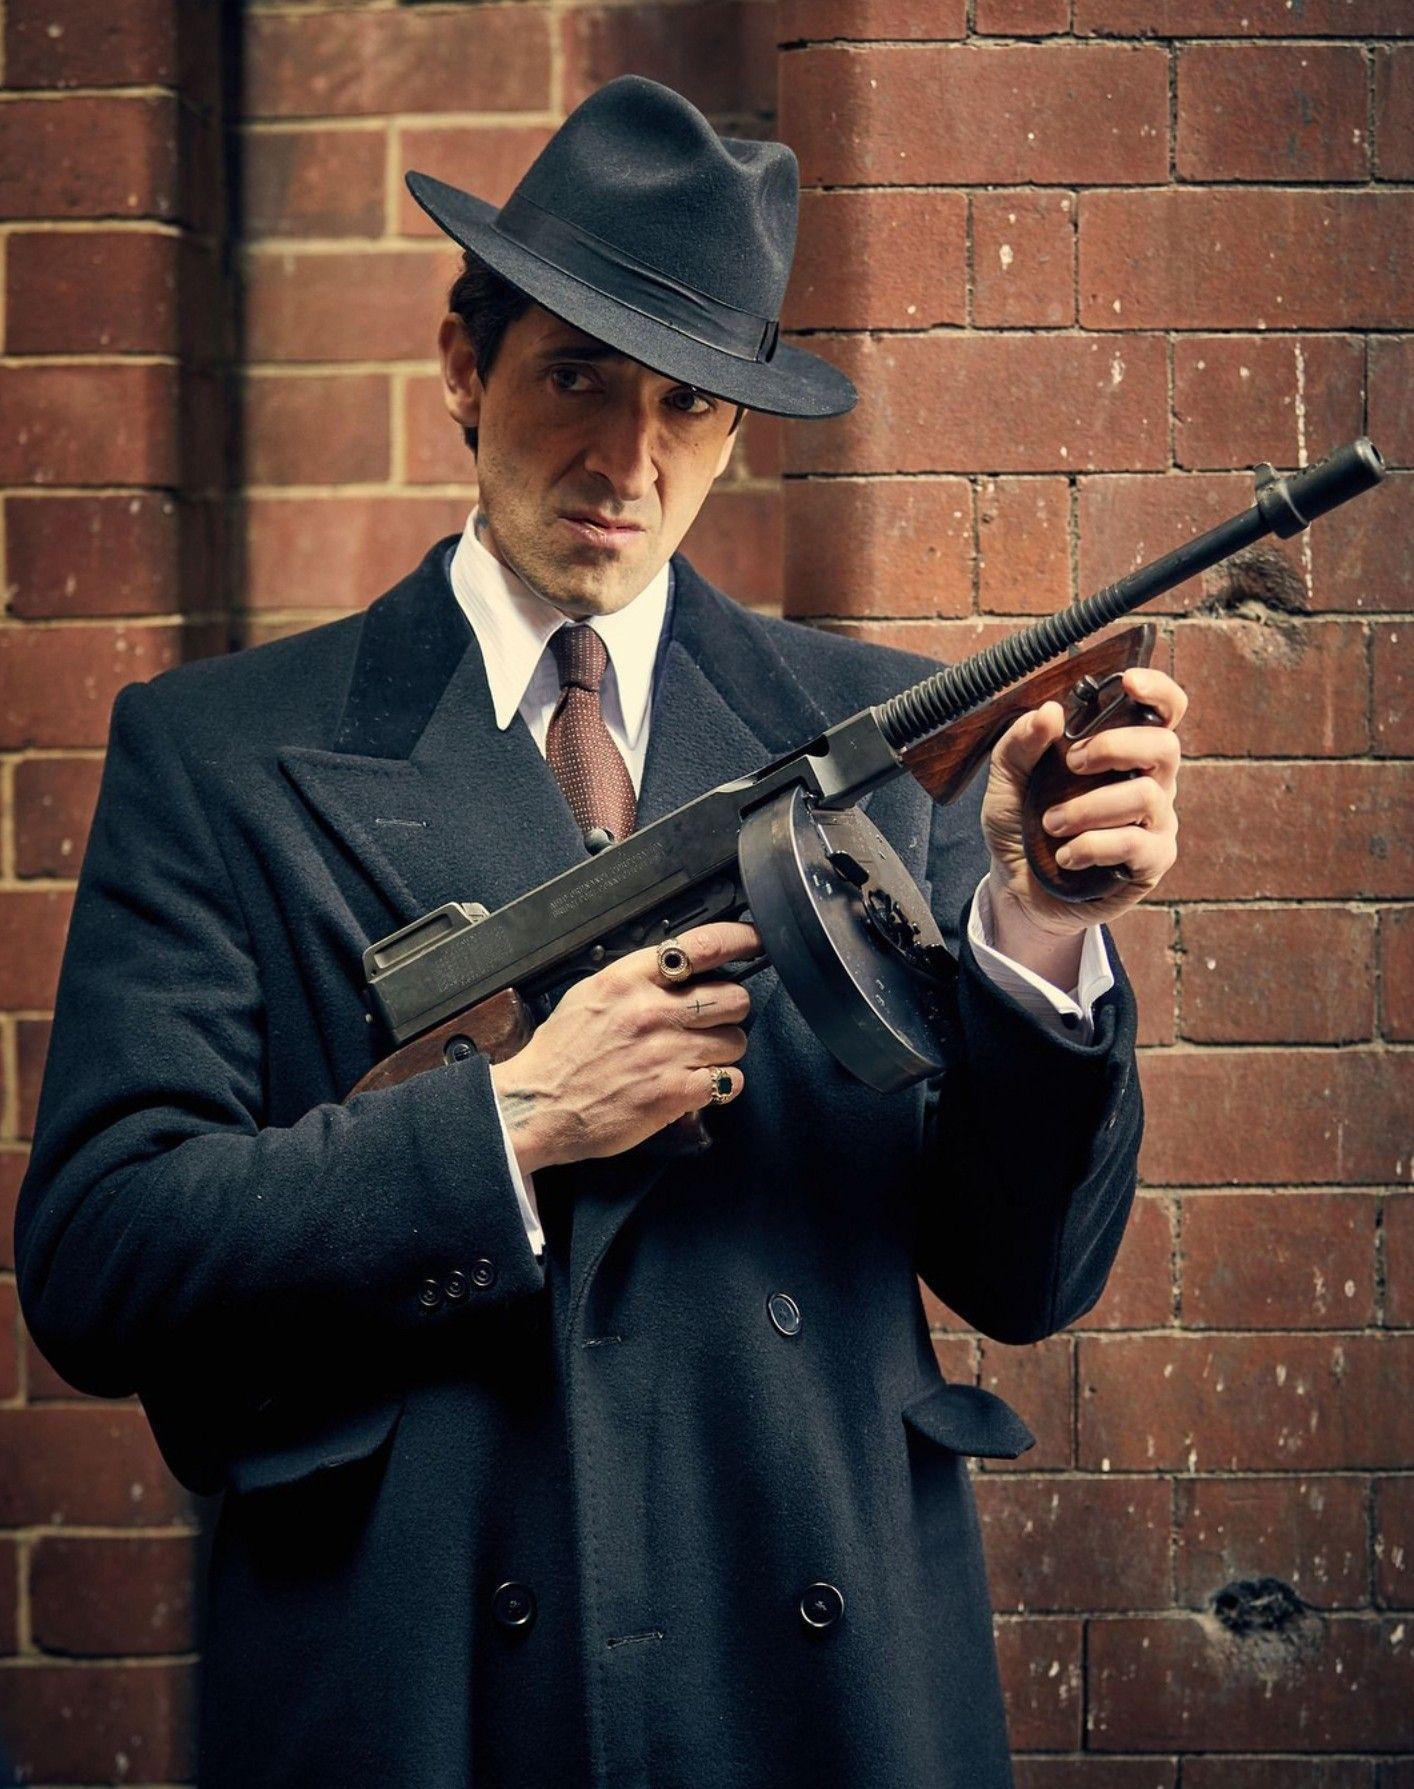 фото чикаго детективов узнать